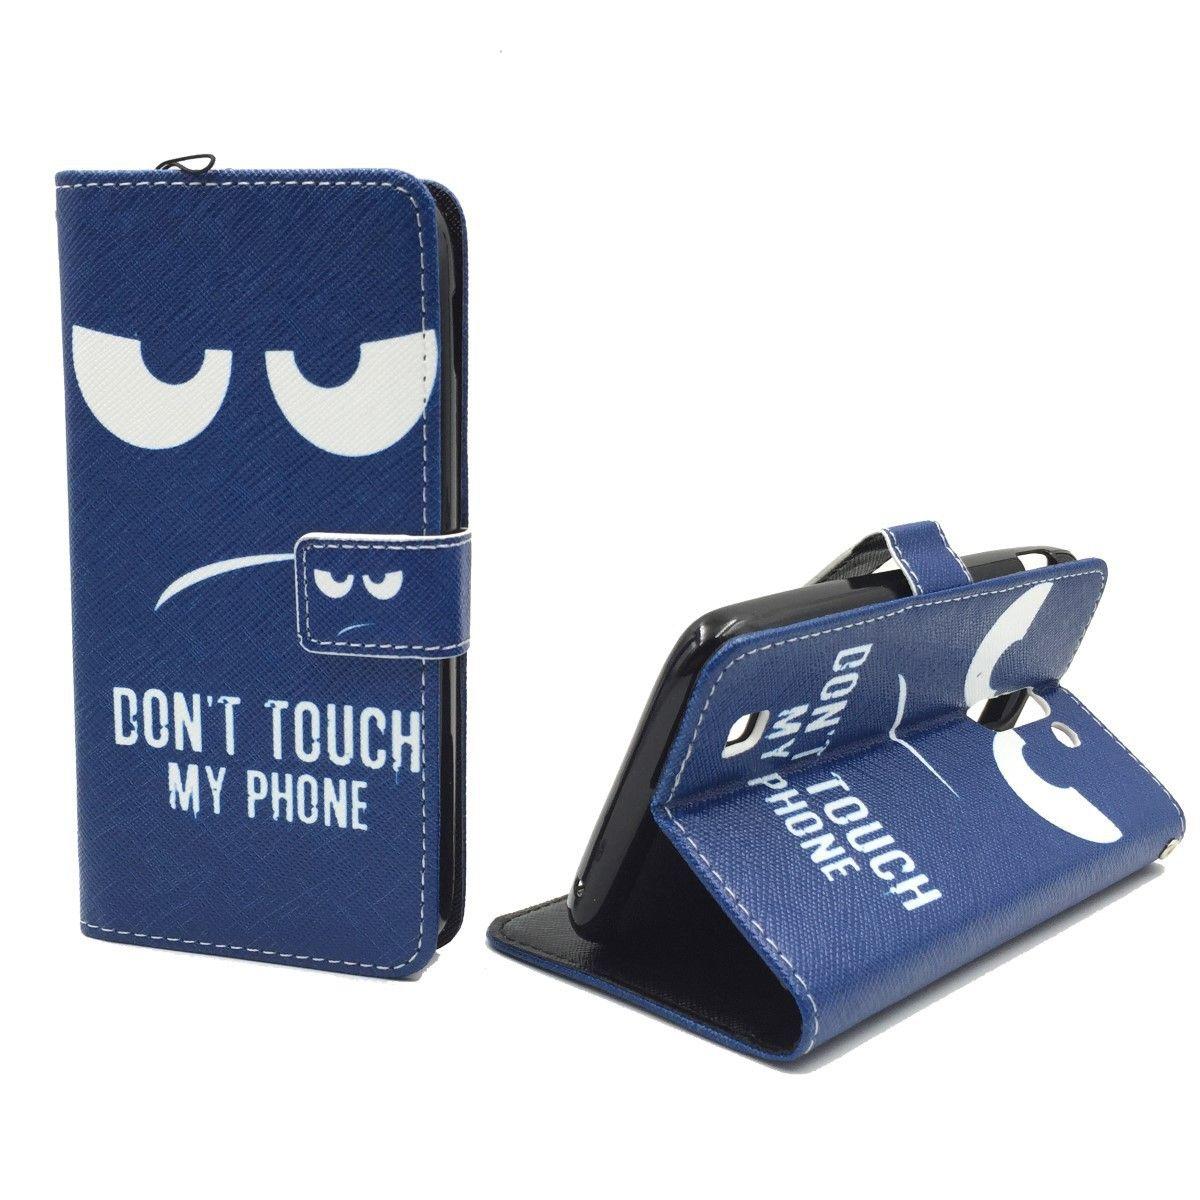 Handyhülle Tasche für Handy Archos 50c Neon Dont Touch my Phone